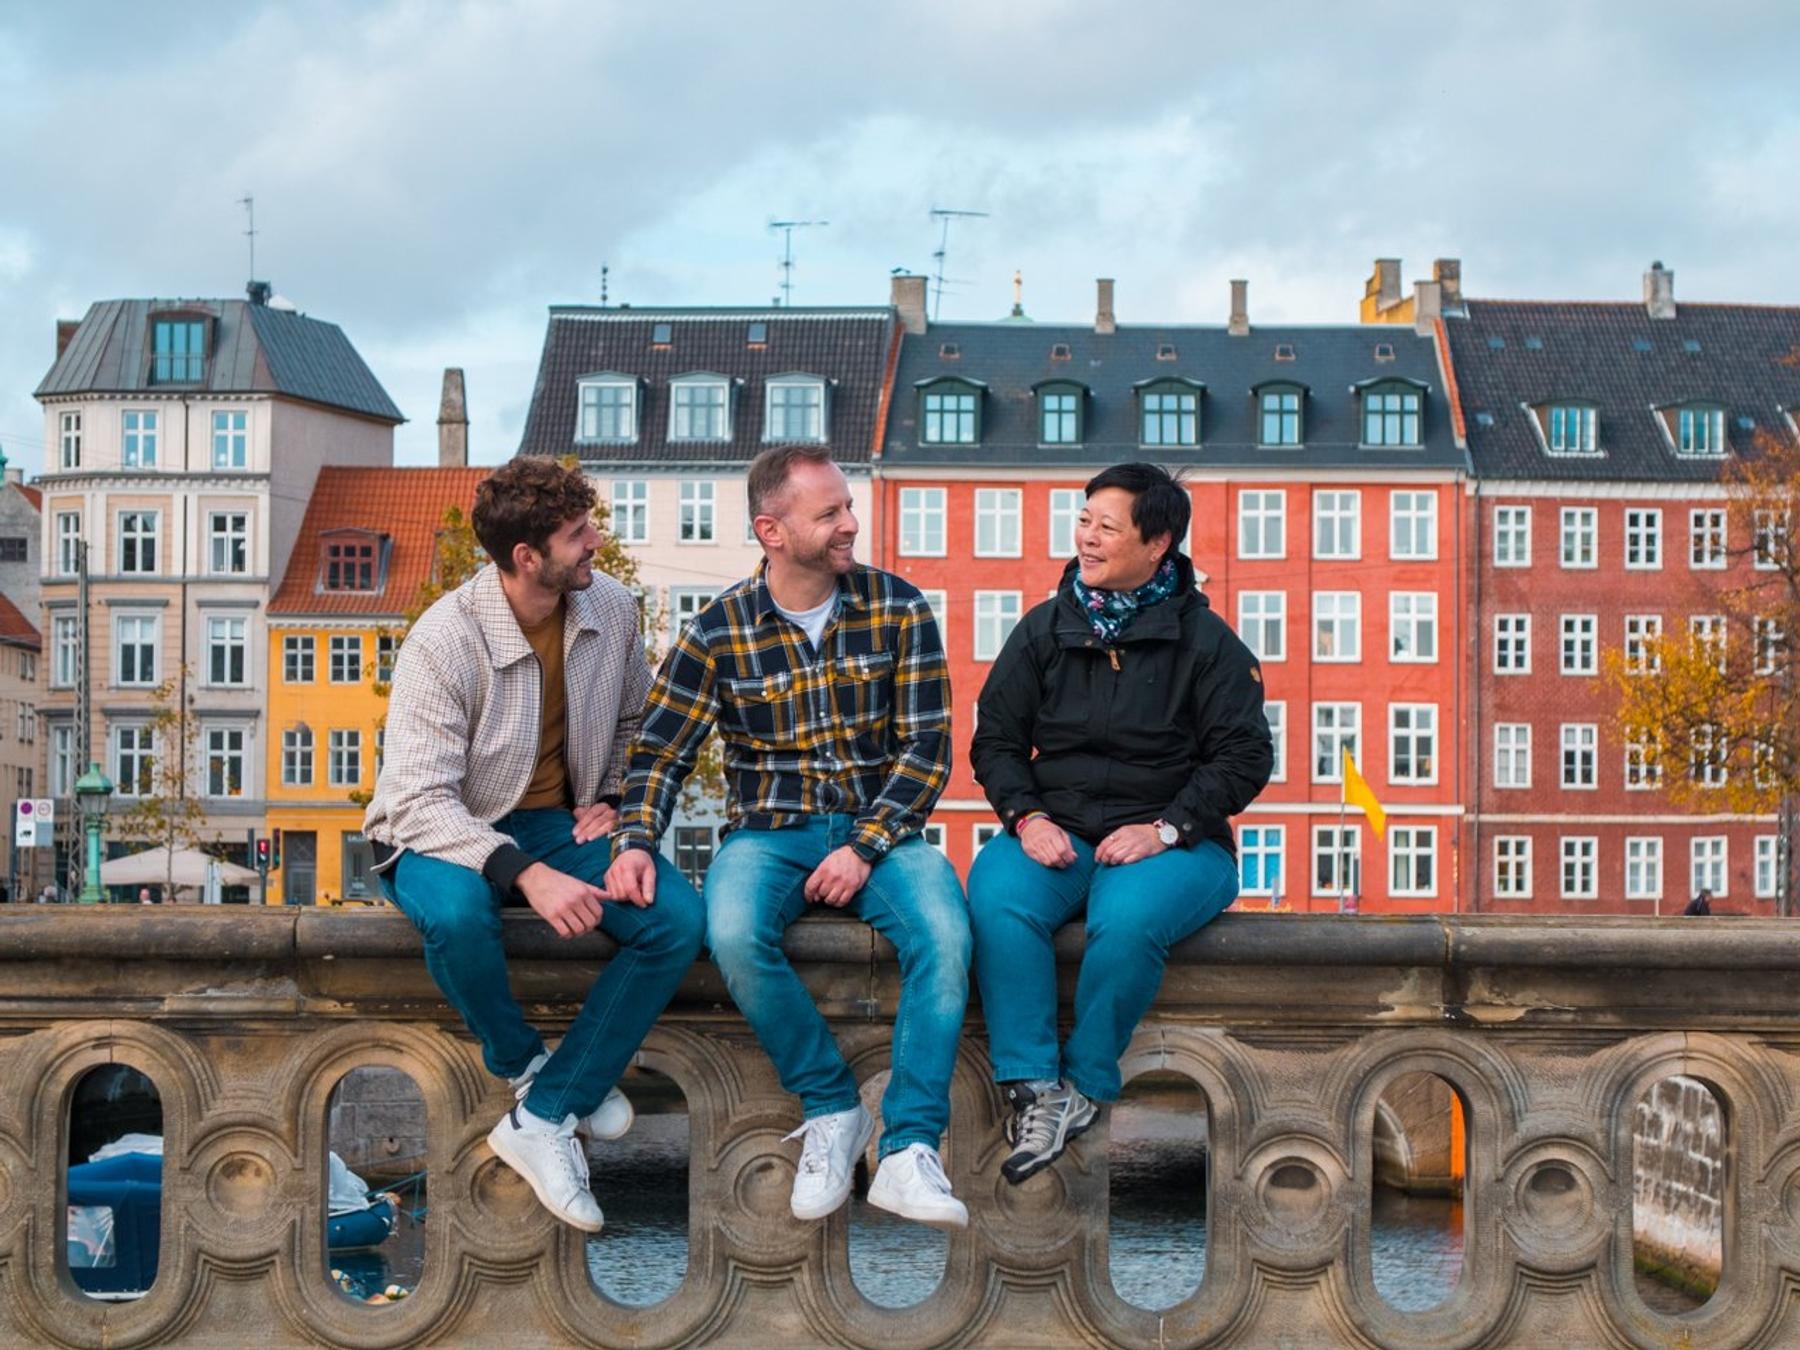 Three people enjoying Pride 2021 in Copenhagen.